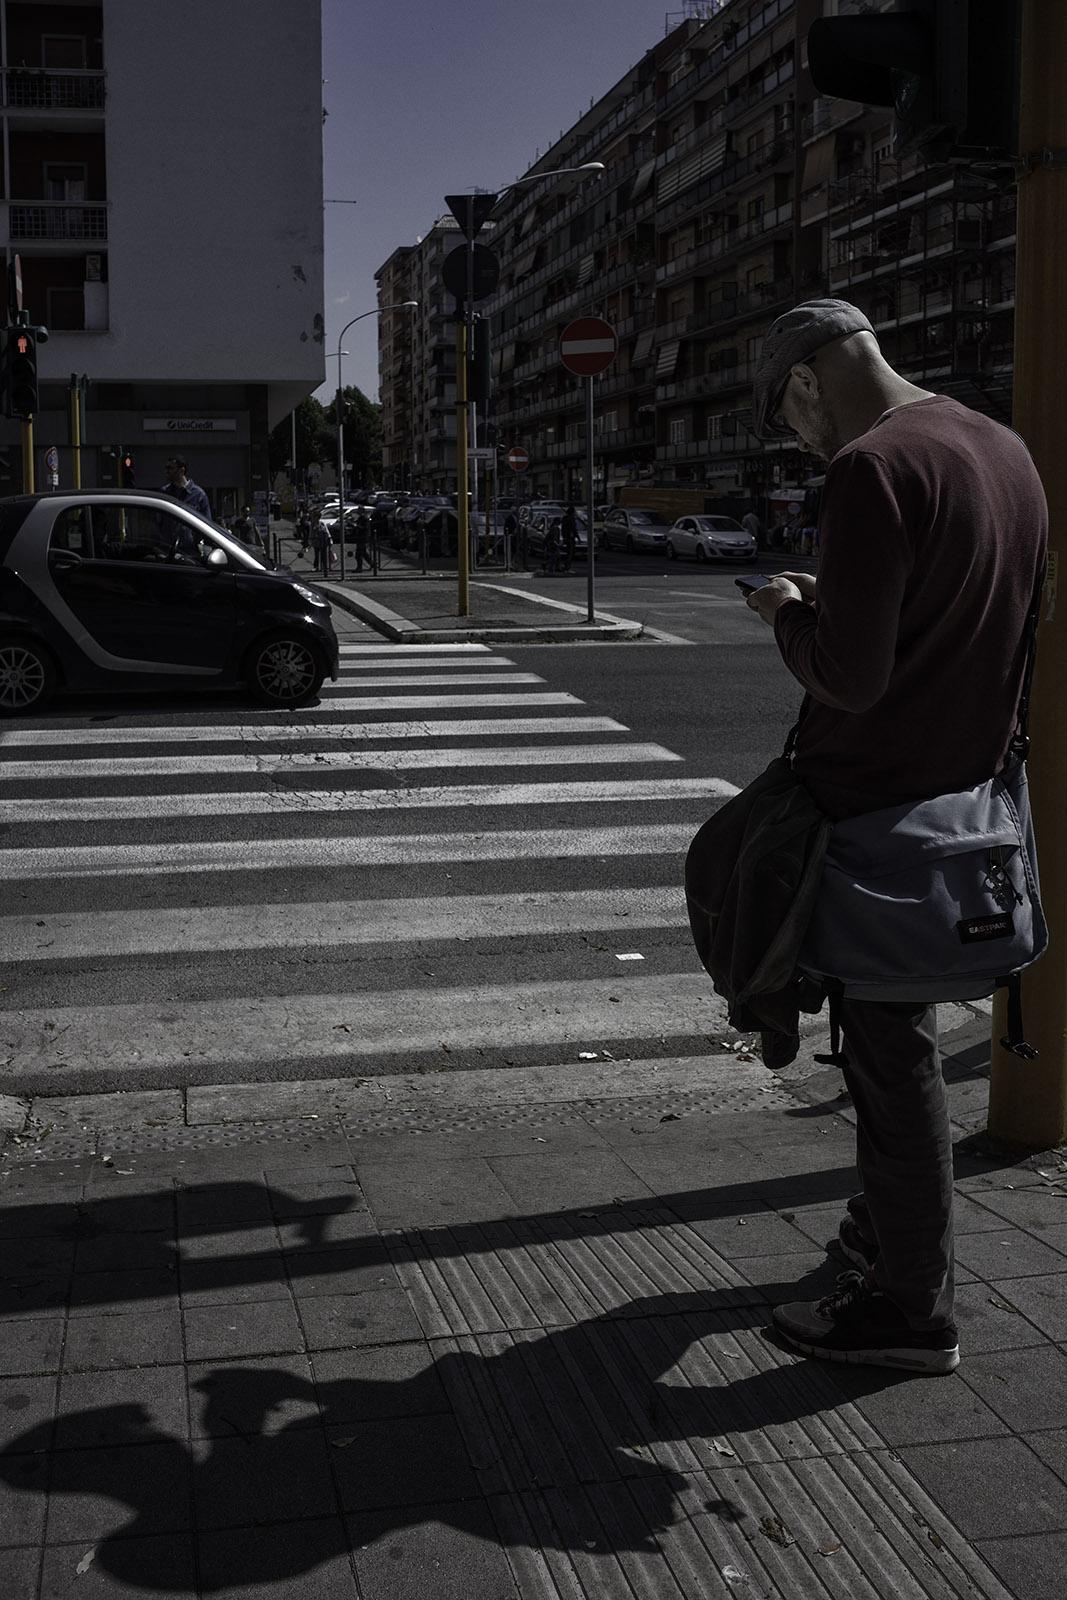 Roma_street_013V_1600.jpg